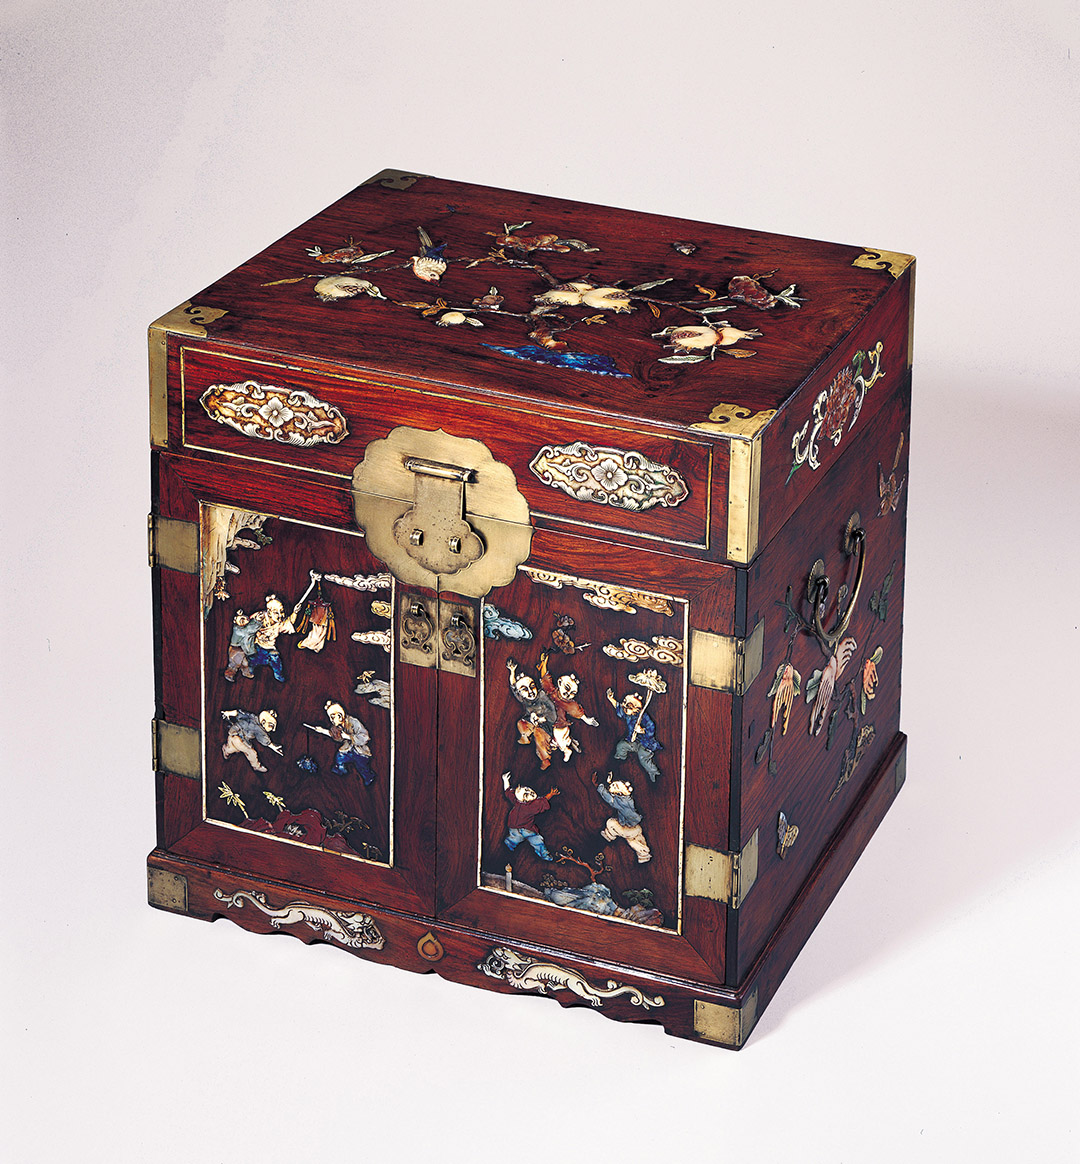 圖片由兩依藏博物館提供